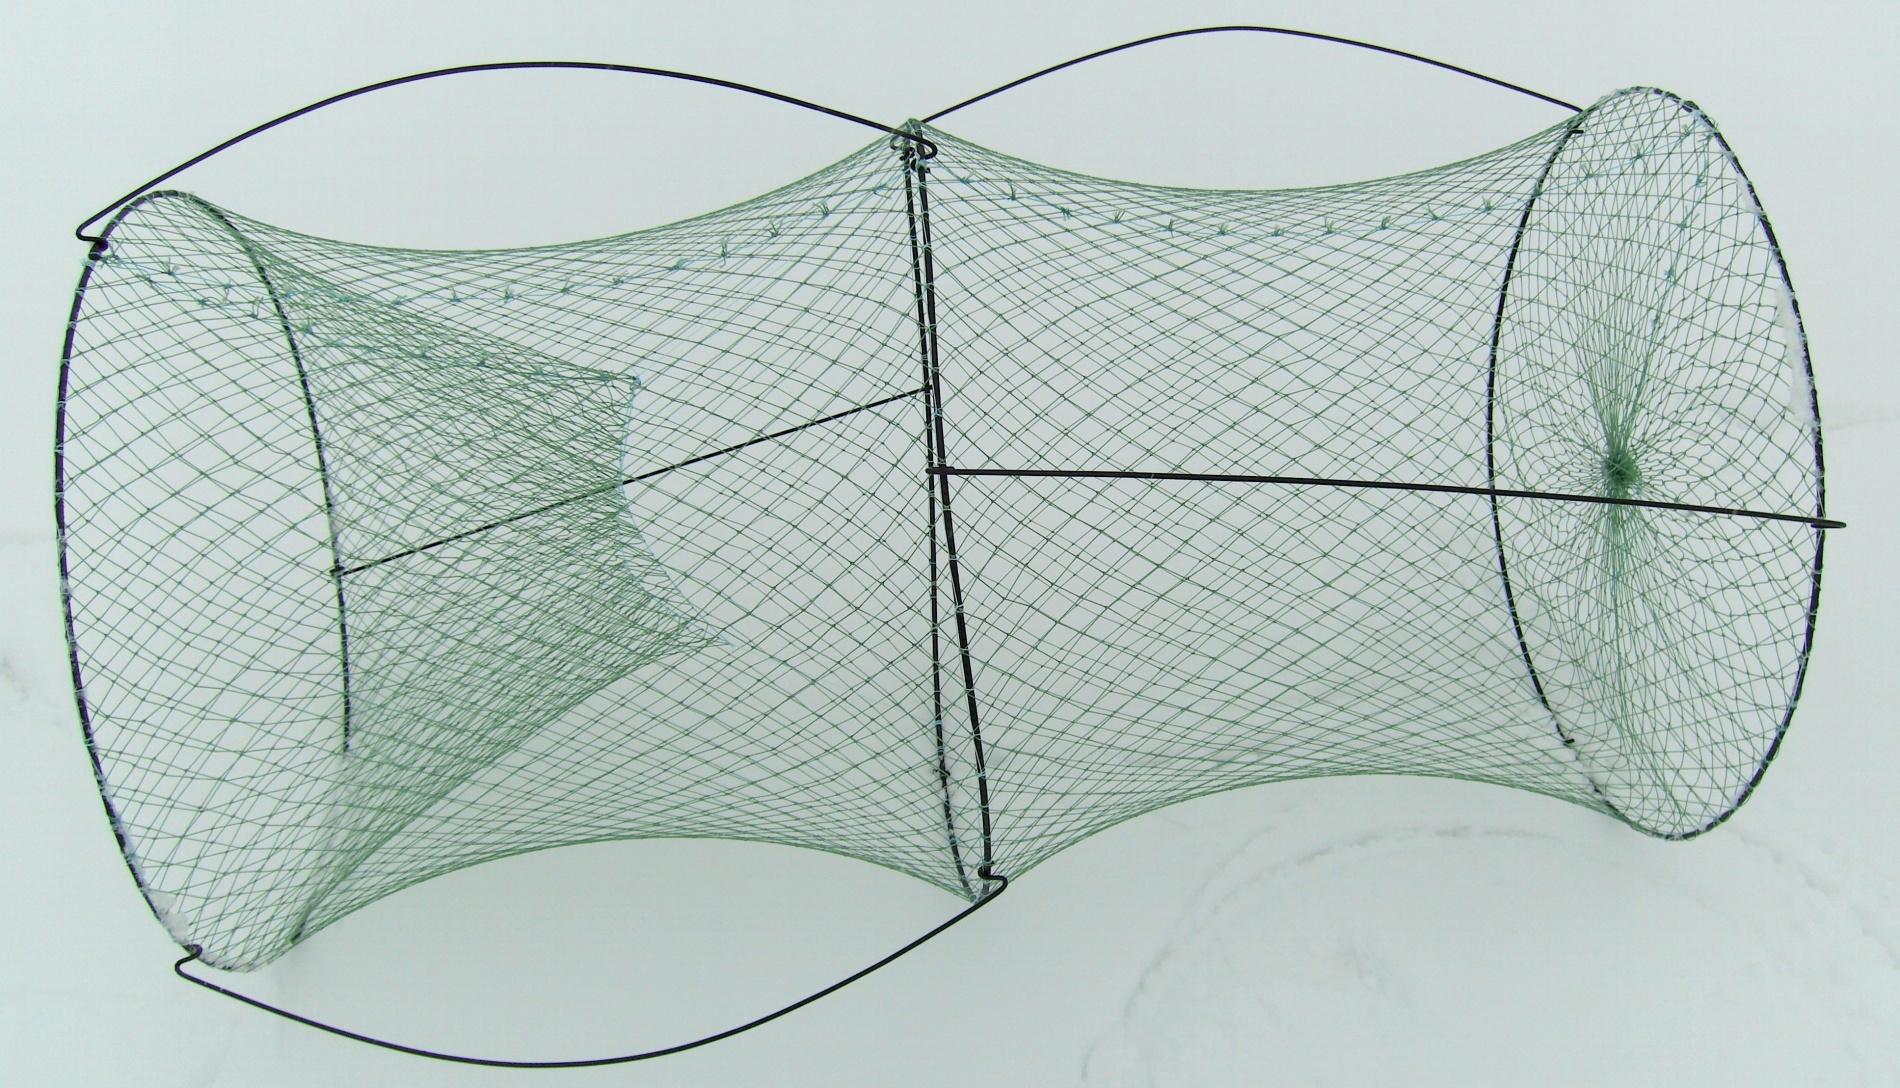 Верша одновходная d=50 яч. 20ммПодъемники<br>Верша одновходная d=50мм, яч20мм. Применяется <br>для ловли рыбы в заросших водоемах, где <br>невозможна ловля удочкой. Для того чтобы <br>вход-щель стоял вертикально применяется <br>смещение центра тяжести за счет стоек<br>